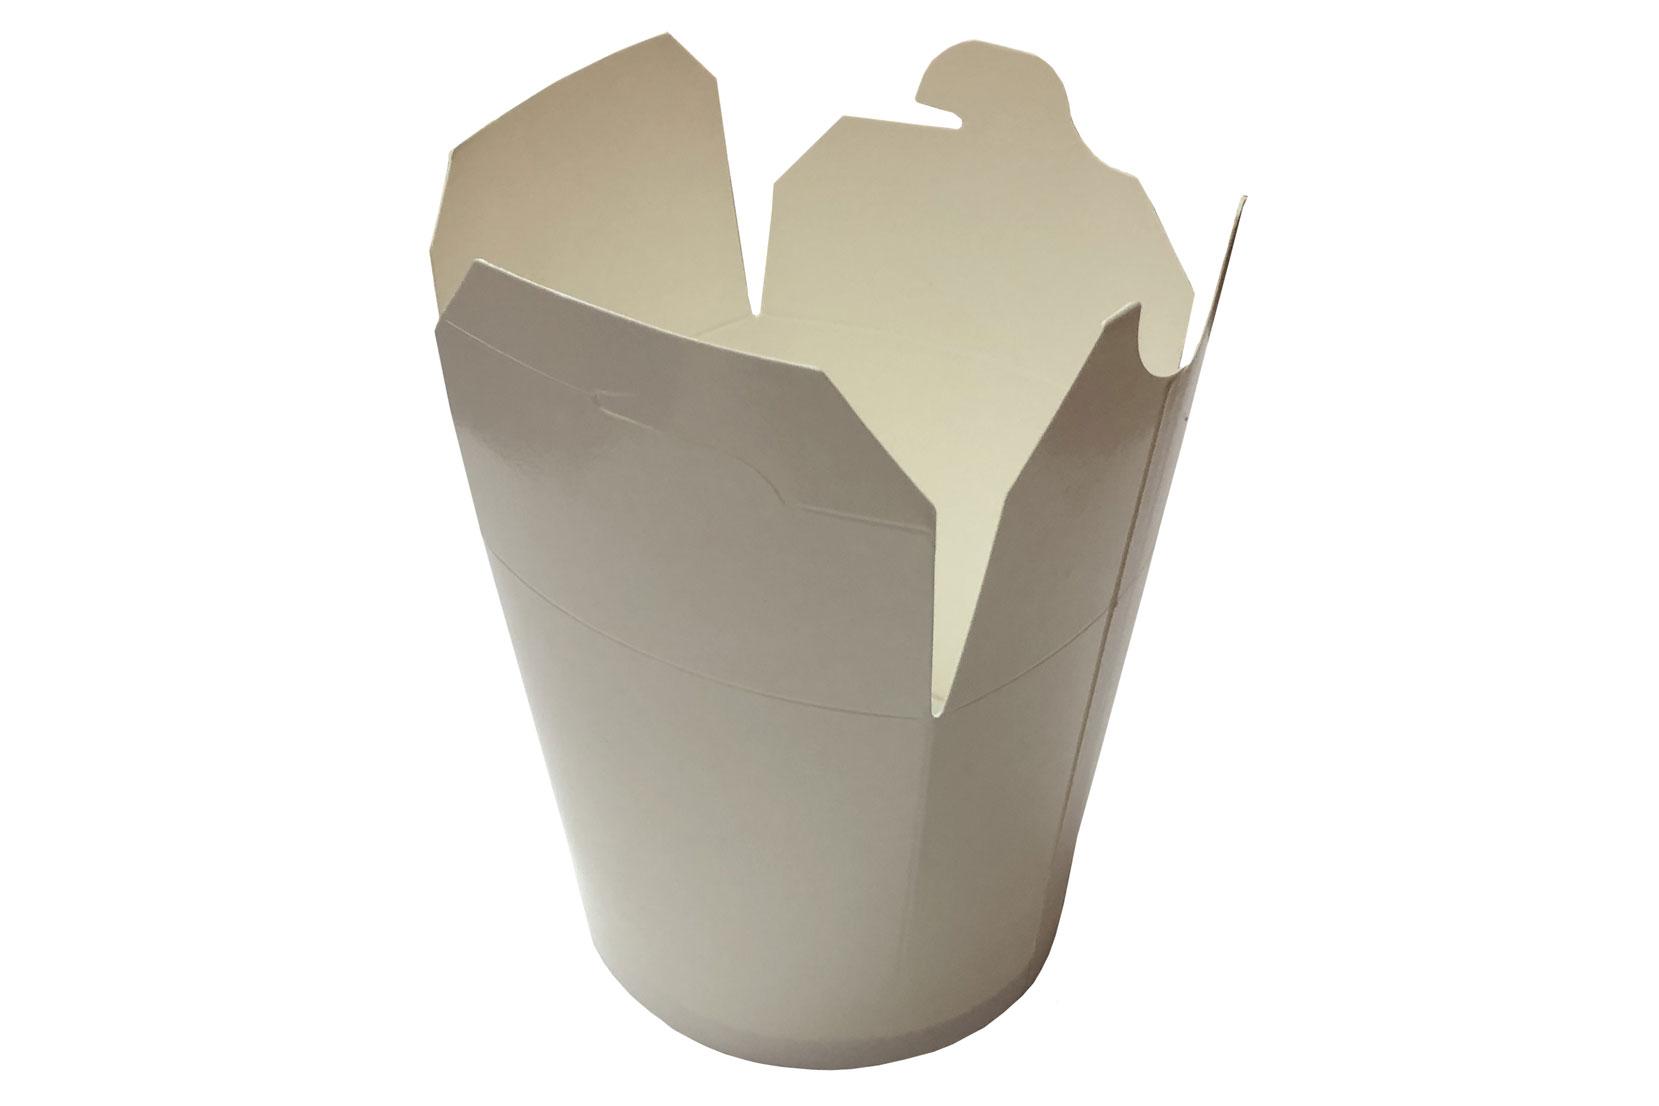 Купить бумажные стаканы с логотипом оптом в Спб